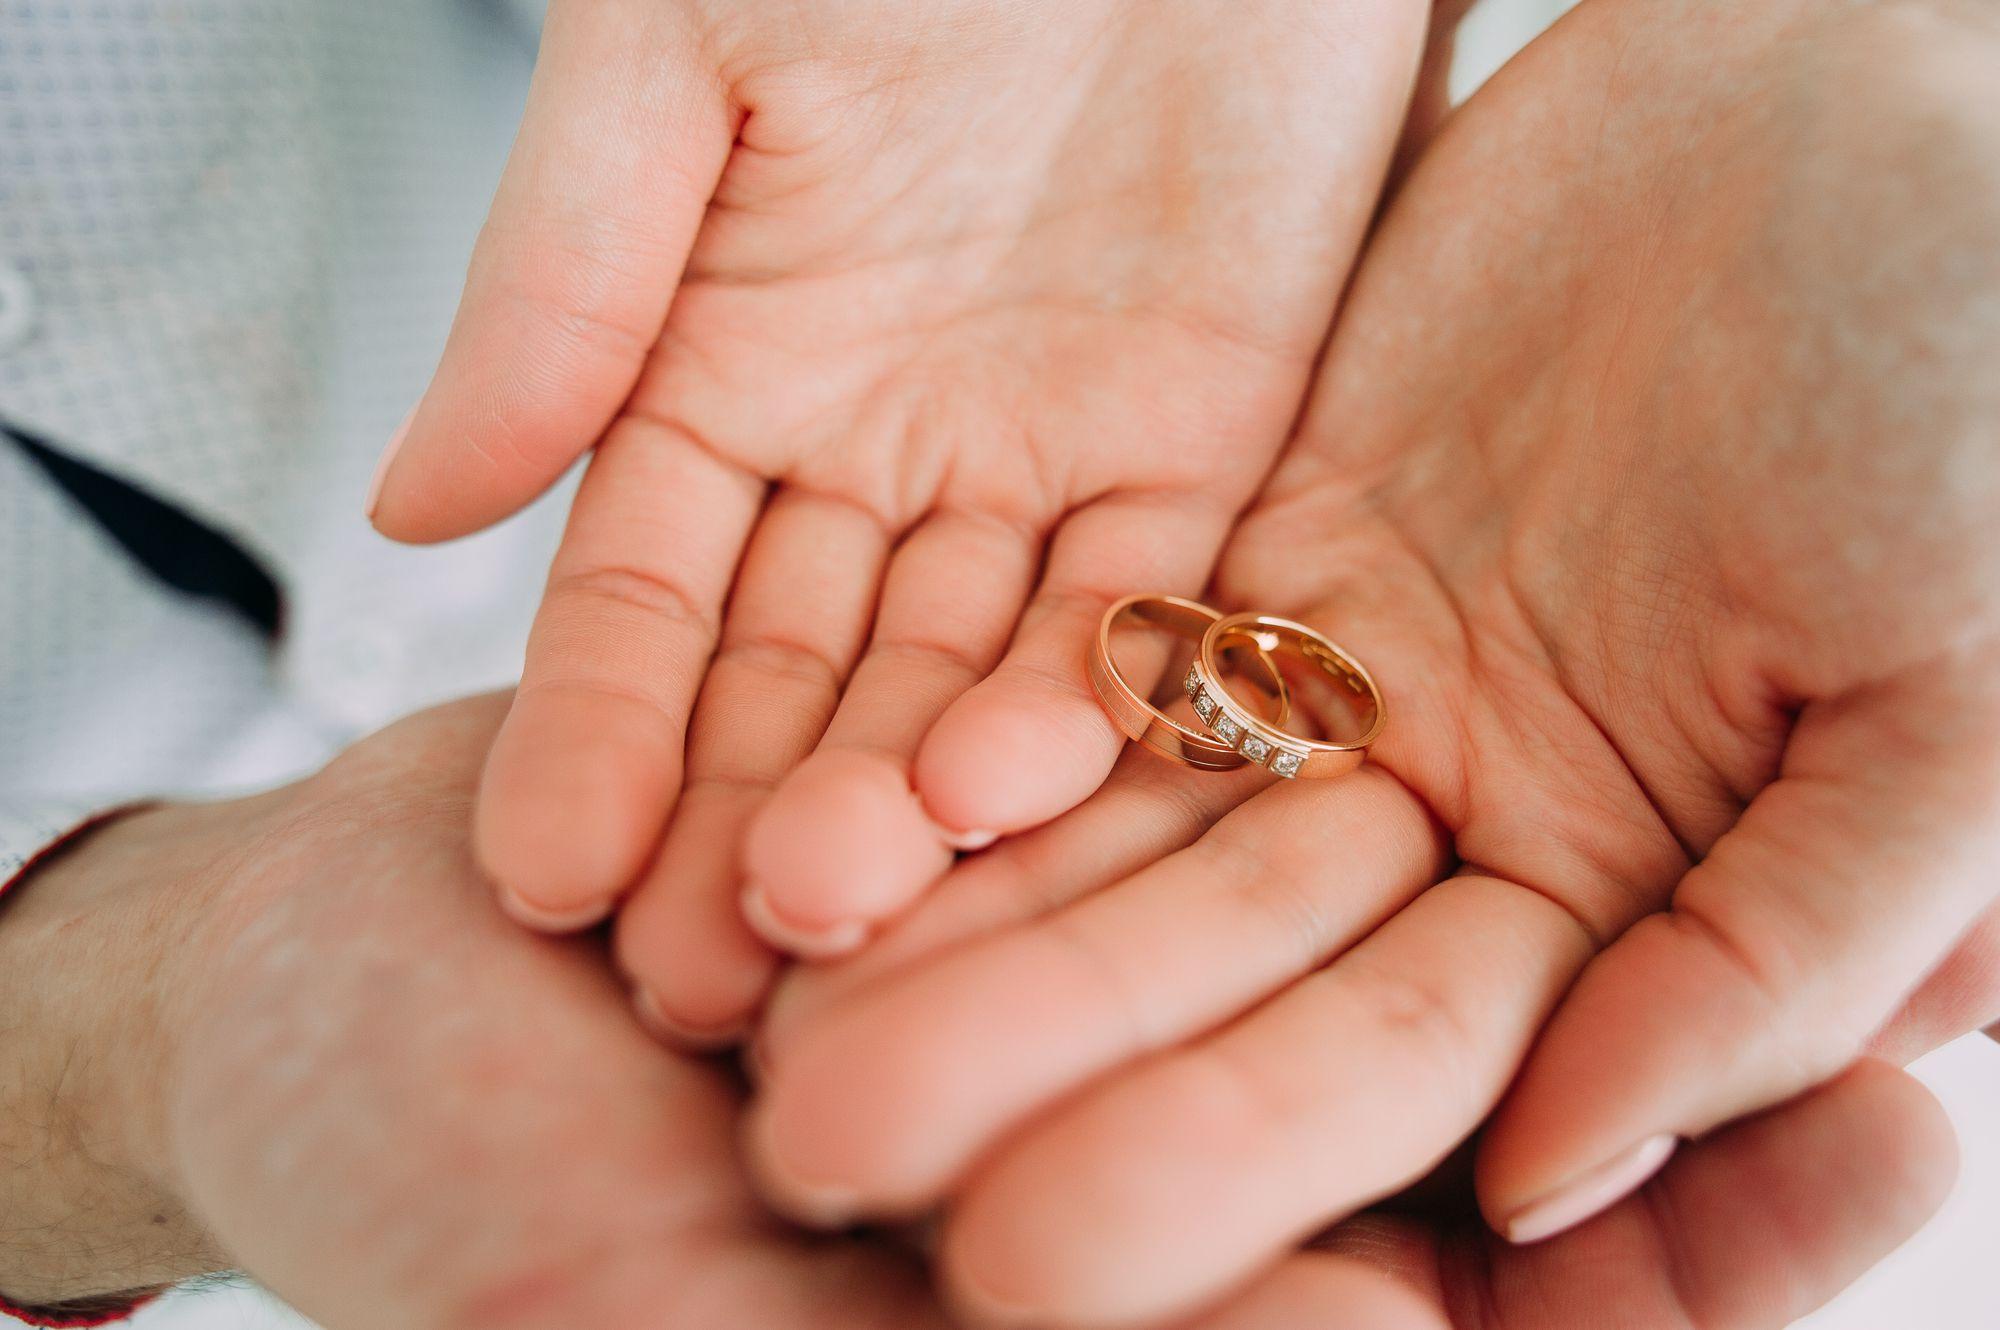 婚約する意味って?婚約の必要性とは